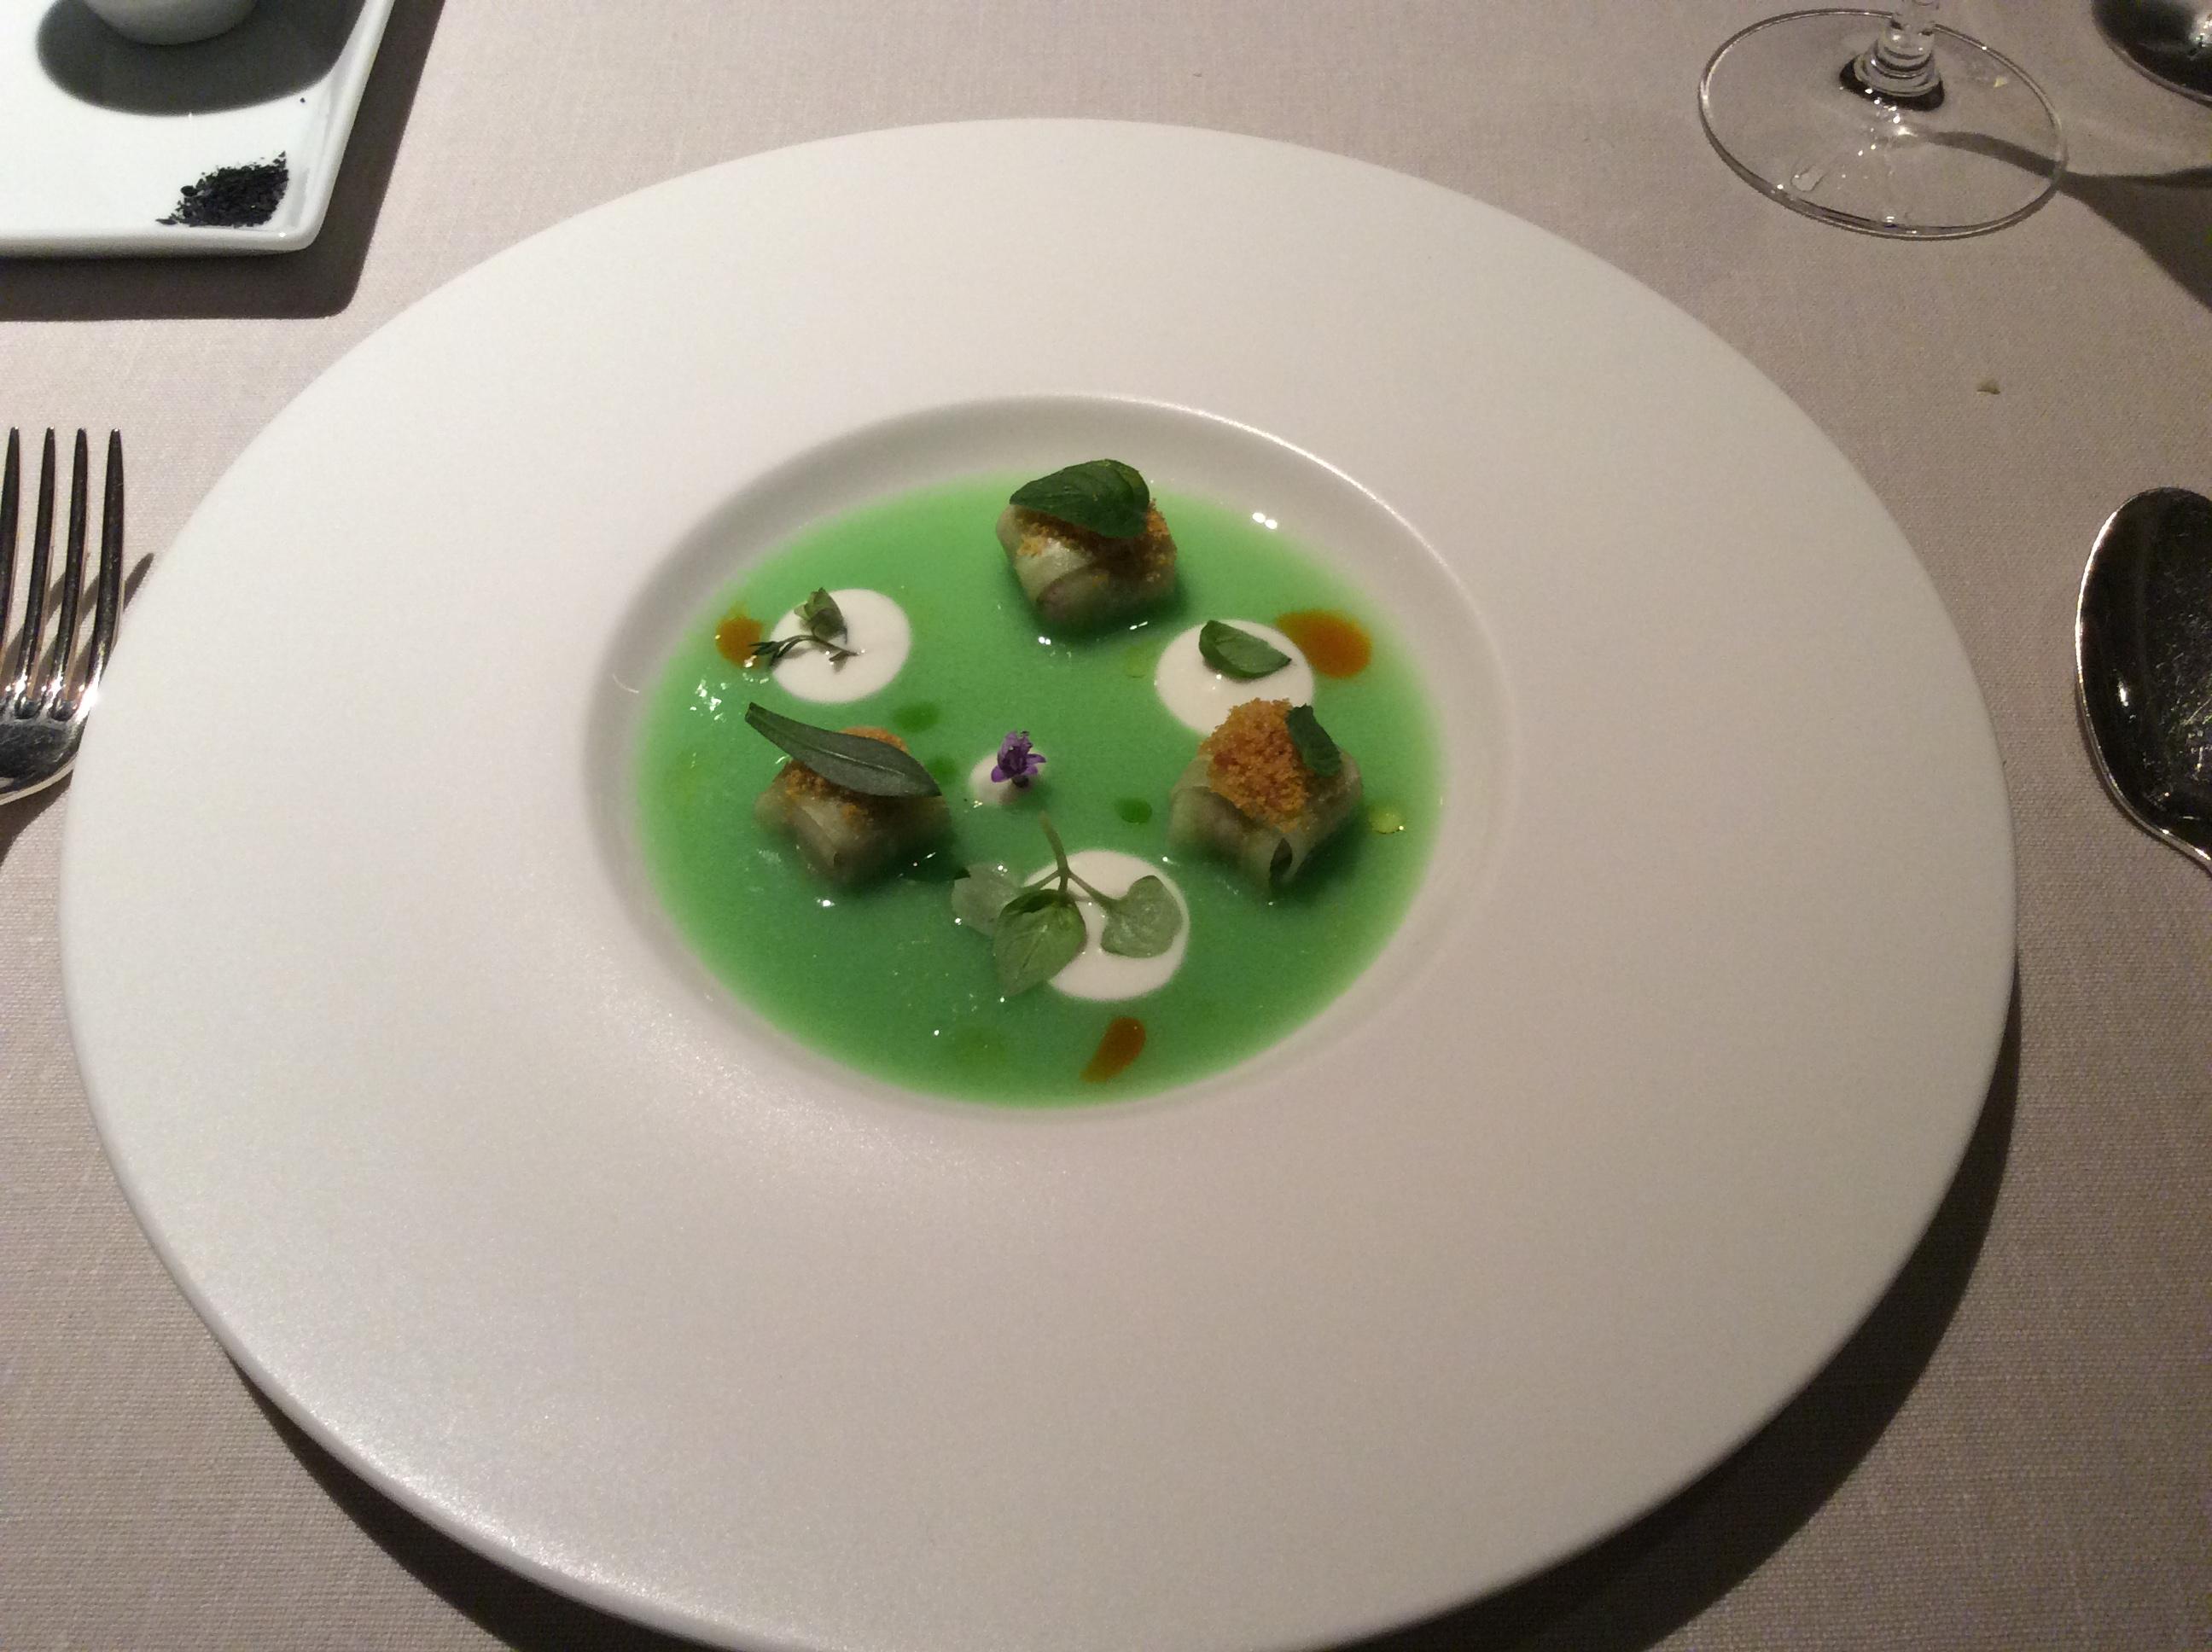 http://gourmet-italian.com/525.JPG